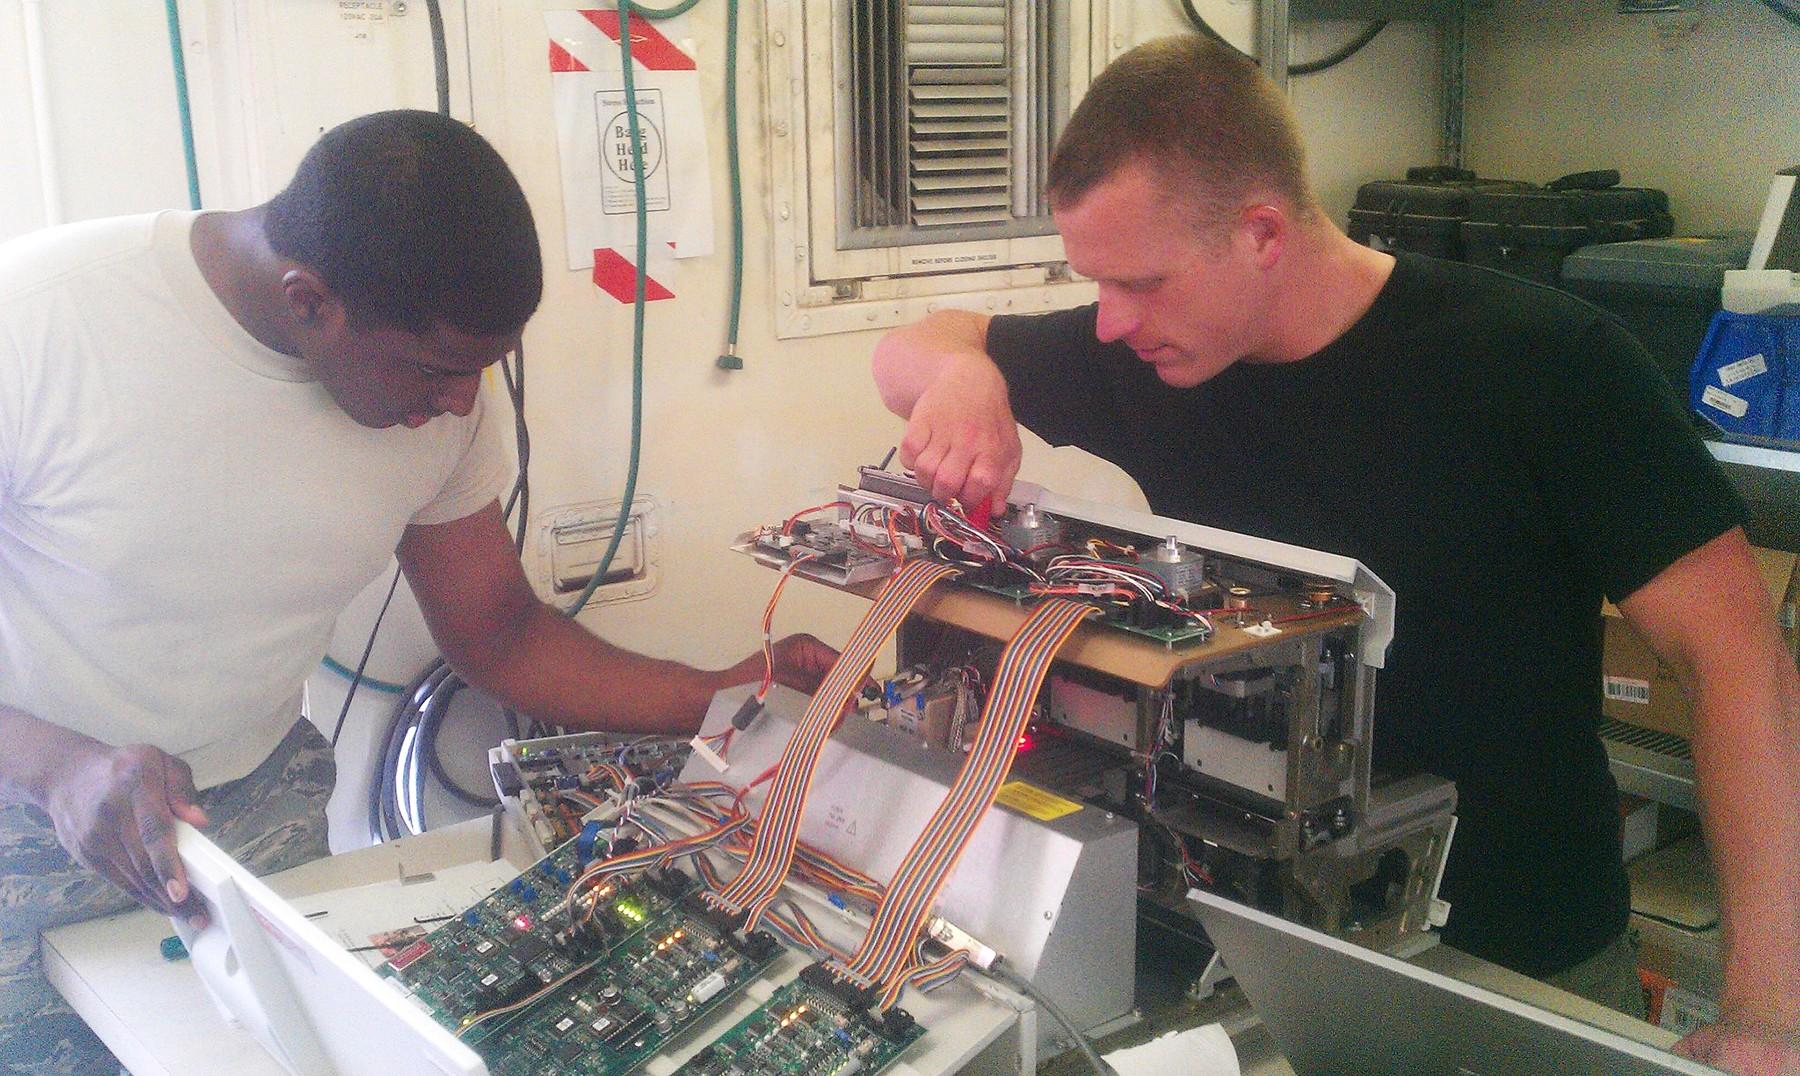 USAMMA Team Keeps Complex Medical Equipment Working in Complex